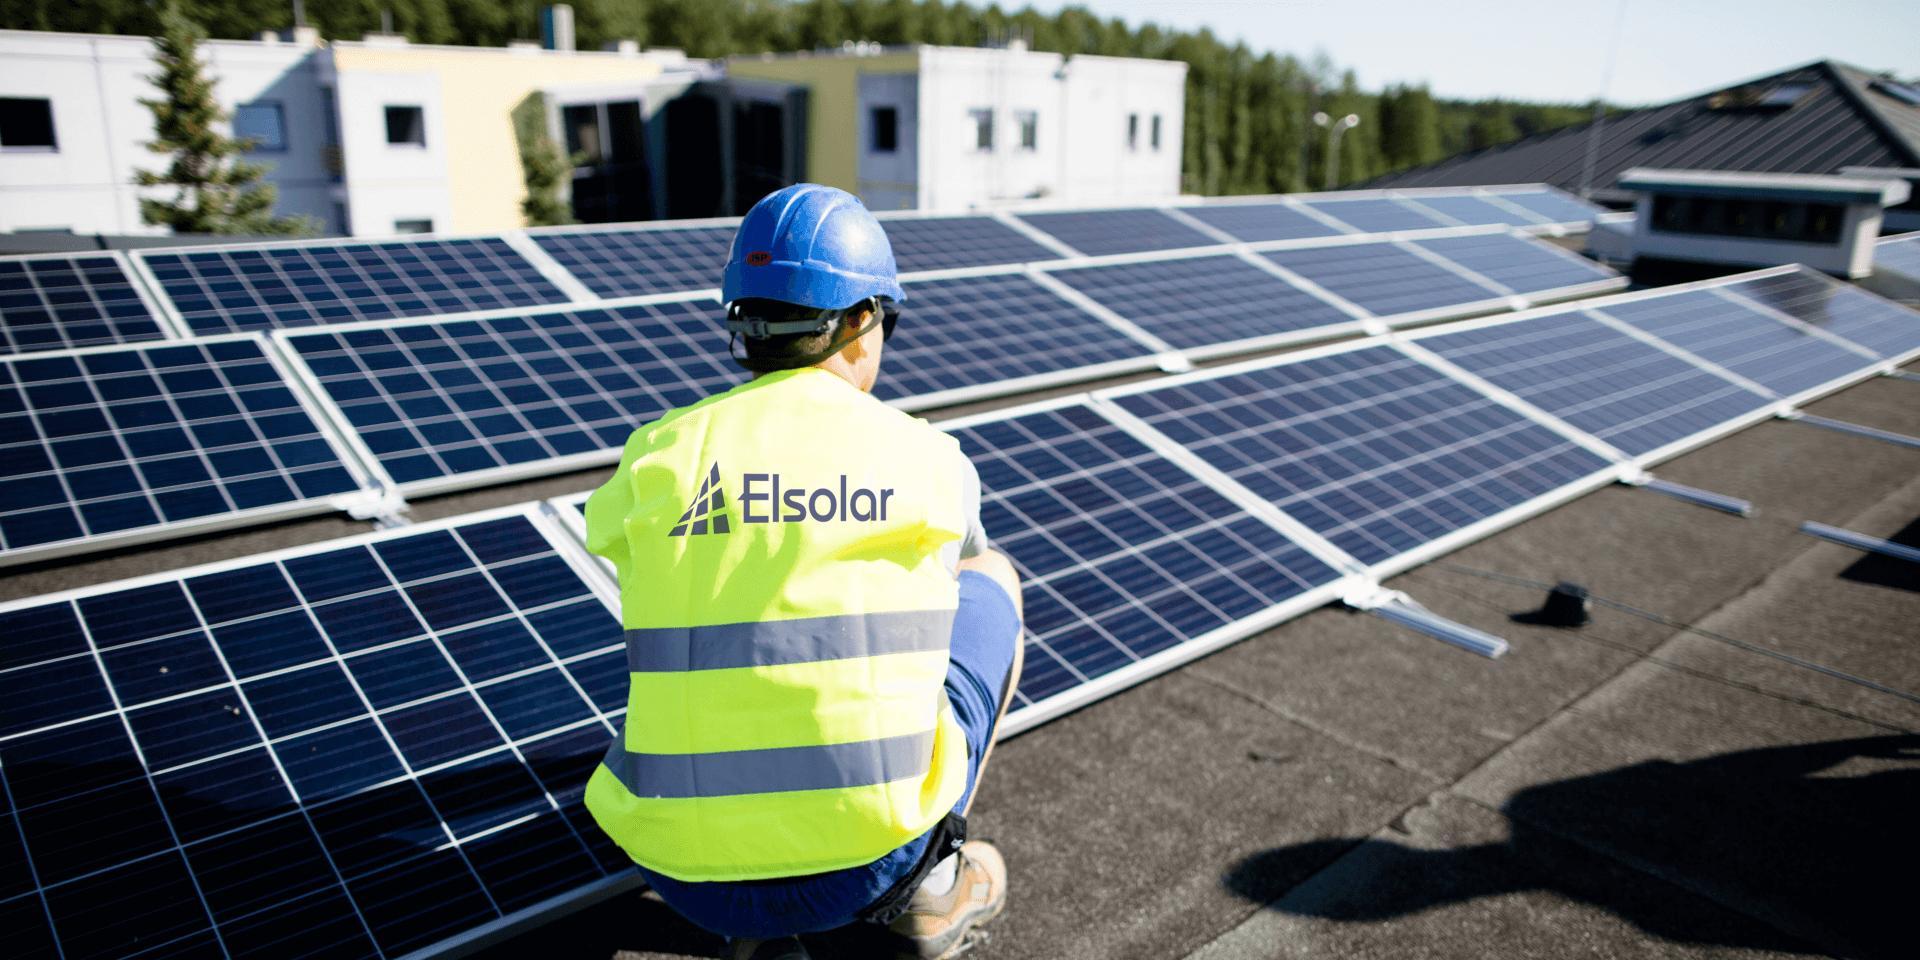 191 paneli najednej połaci dachowej ołącznej mocy 63.03 kWp  – Współpraca zAW Narzędzia wBiałymstoku